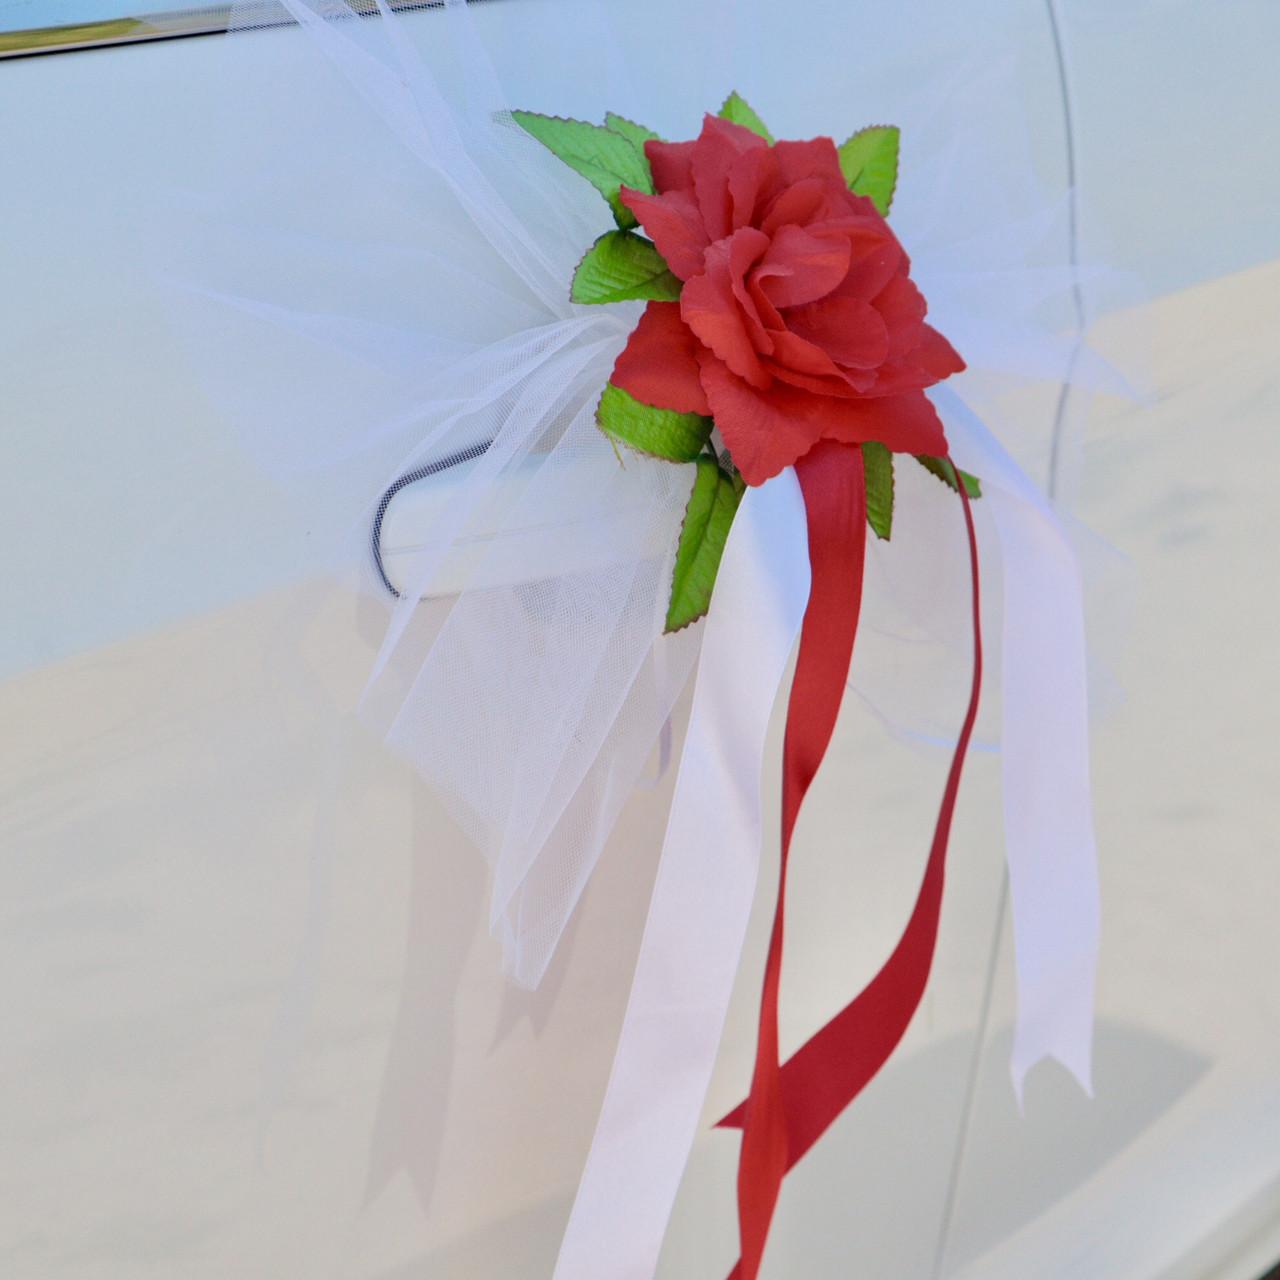 Вау! Цветы на Ручки Свадебной машины 4 шт/уп розы с лентами, Красный